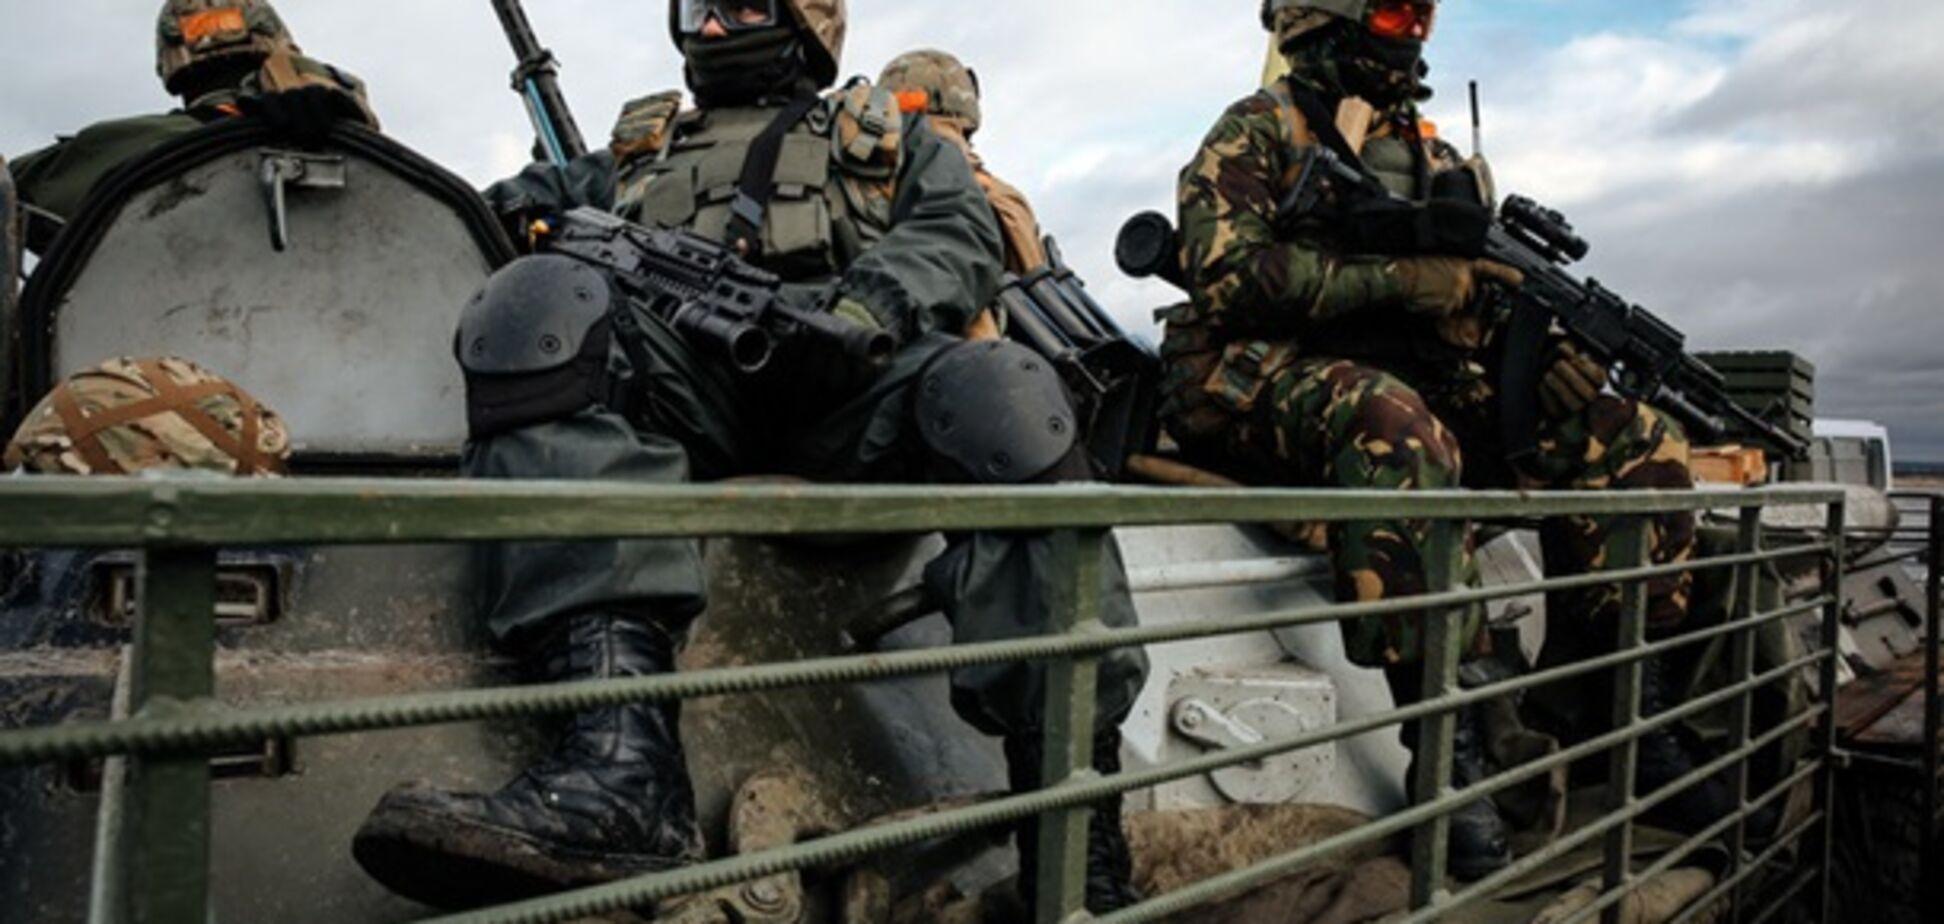 Вивід офіцерів СЦКК із Донбасу: Україна різко відповіла окупантам